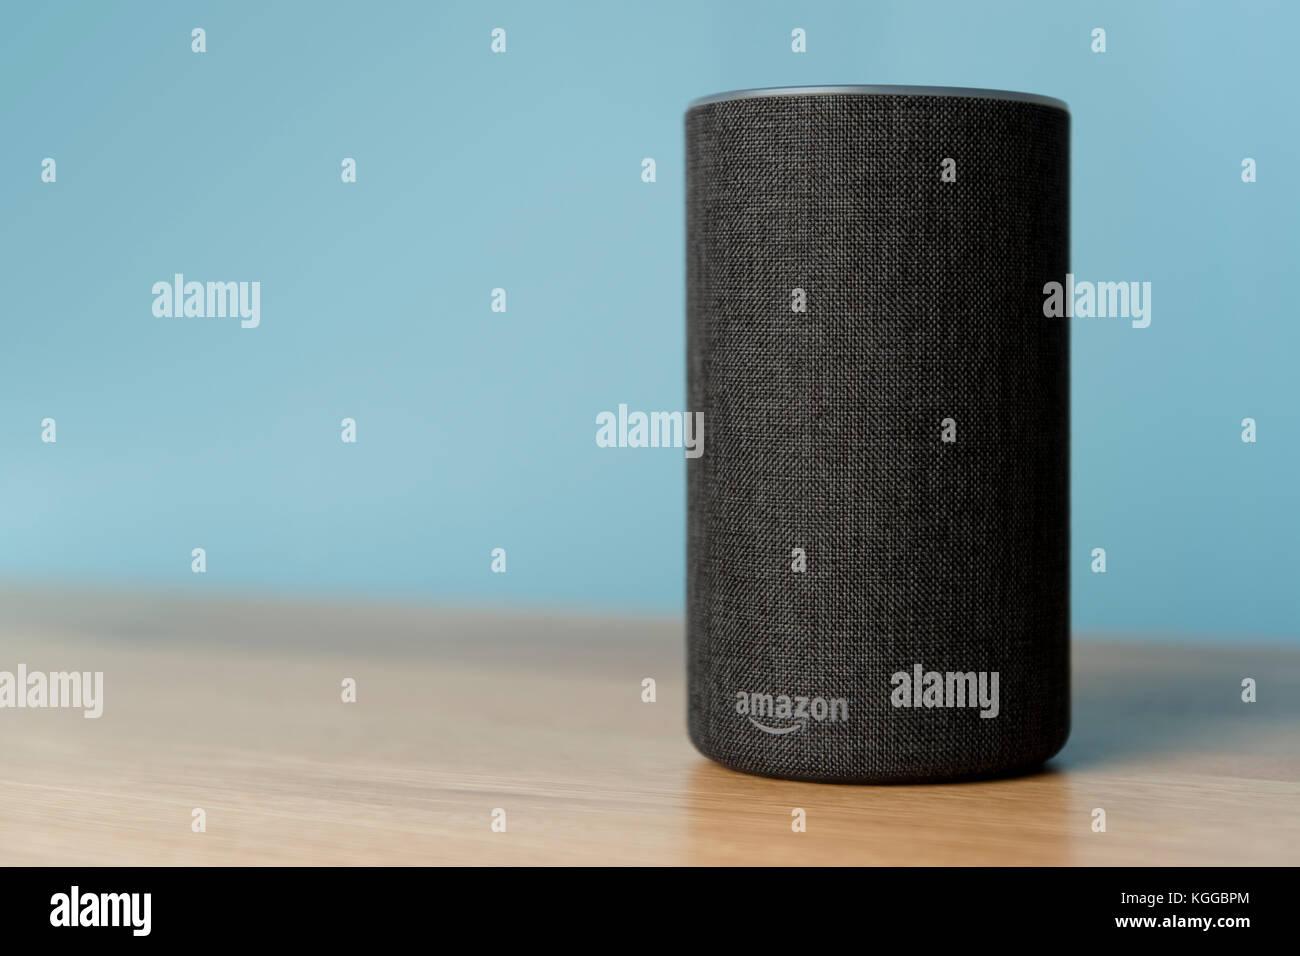 2017 Veröffentlichung einer Holzkohle Amazon Echo (2. Generation) smart Lautsprecher und persönlicher Stockbild